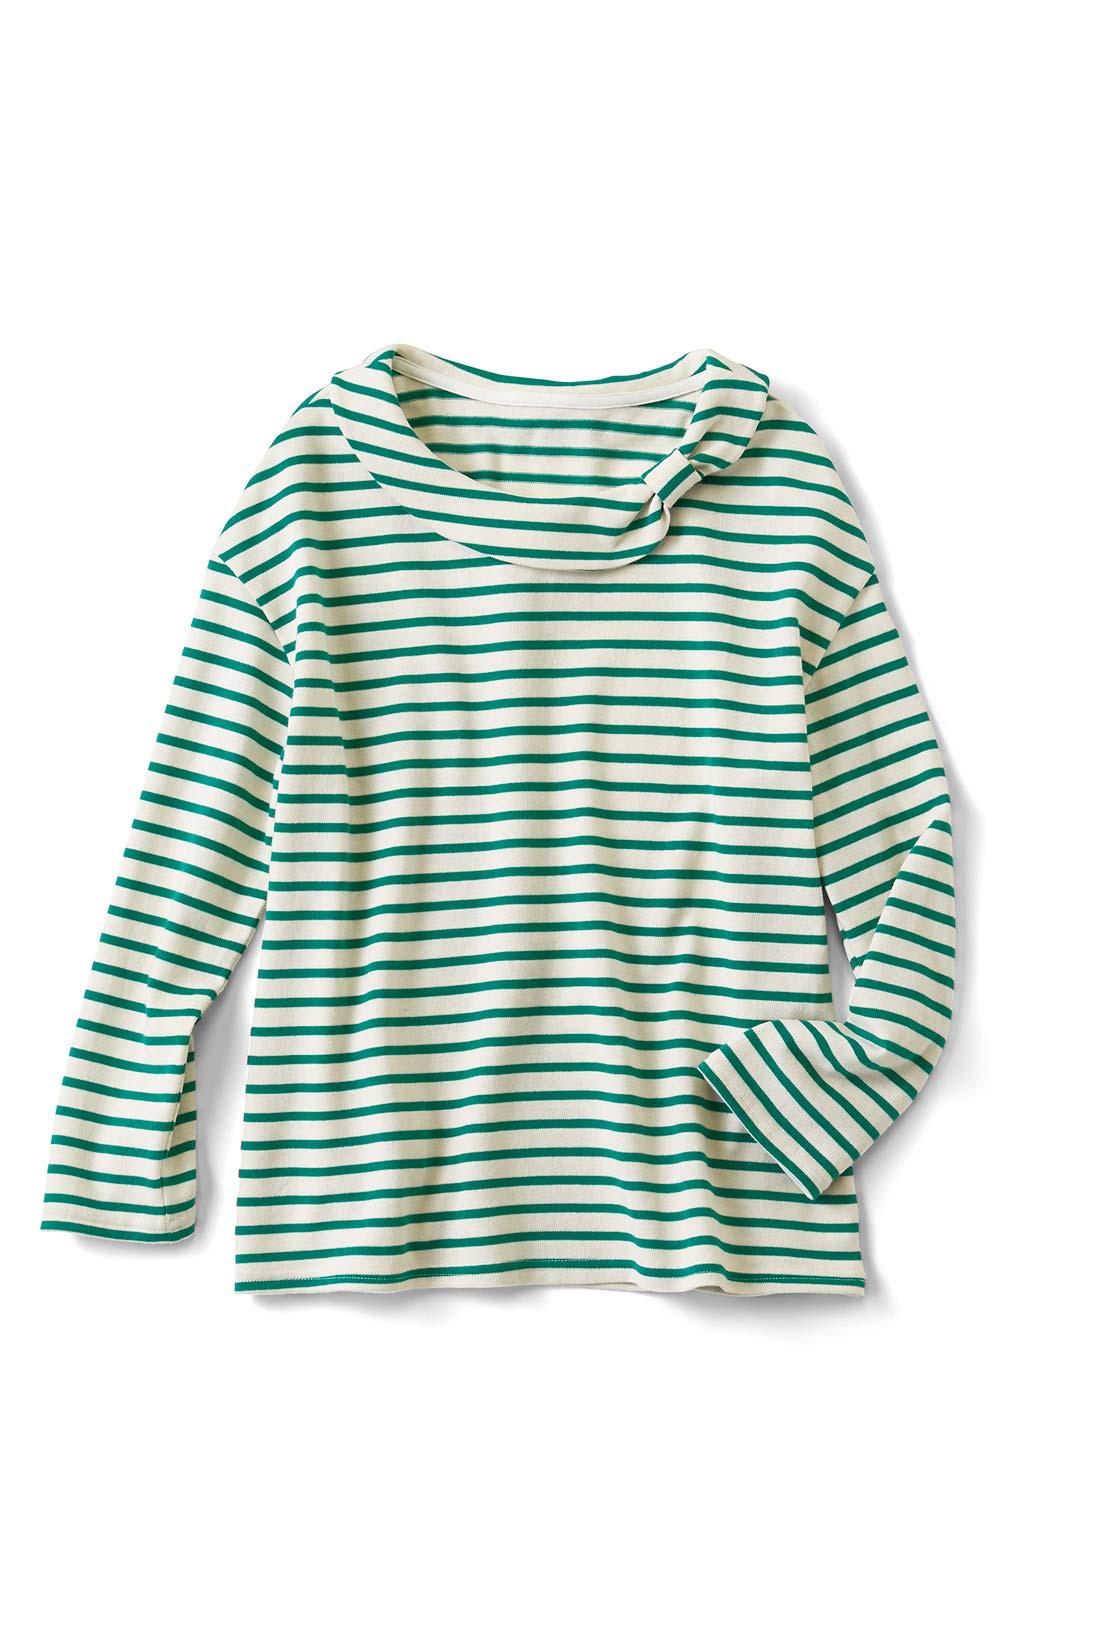 [キナリ×グリーン]衿もとはさりげなくリボン。七分袖がお気に入り。